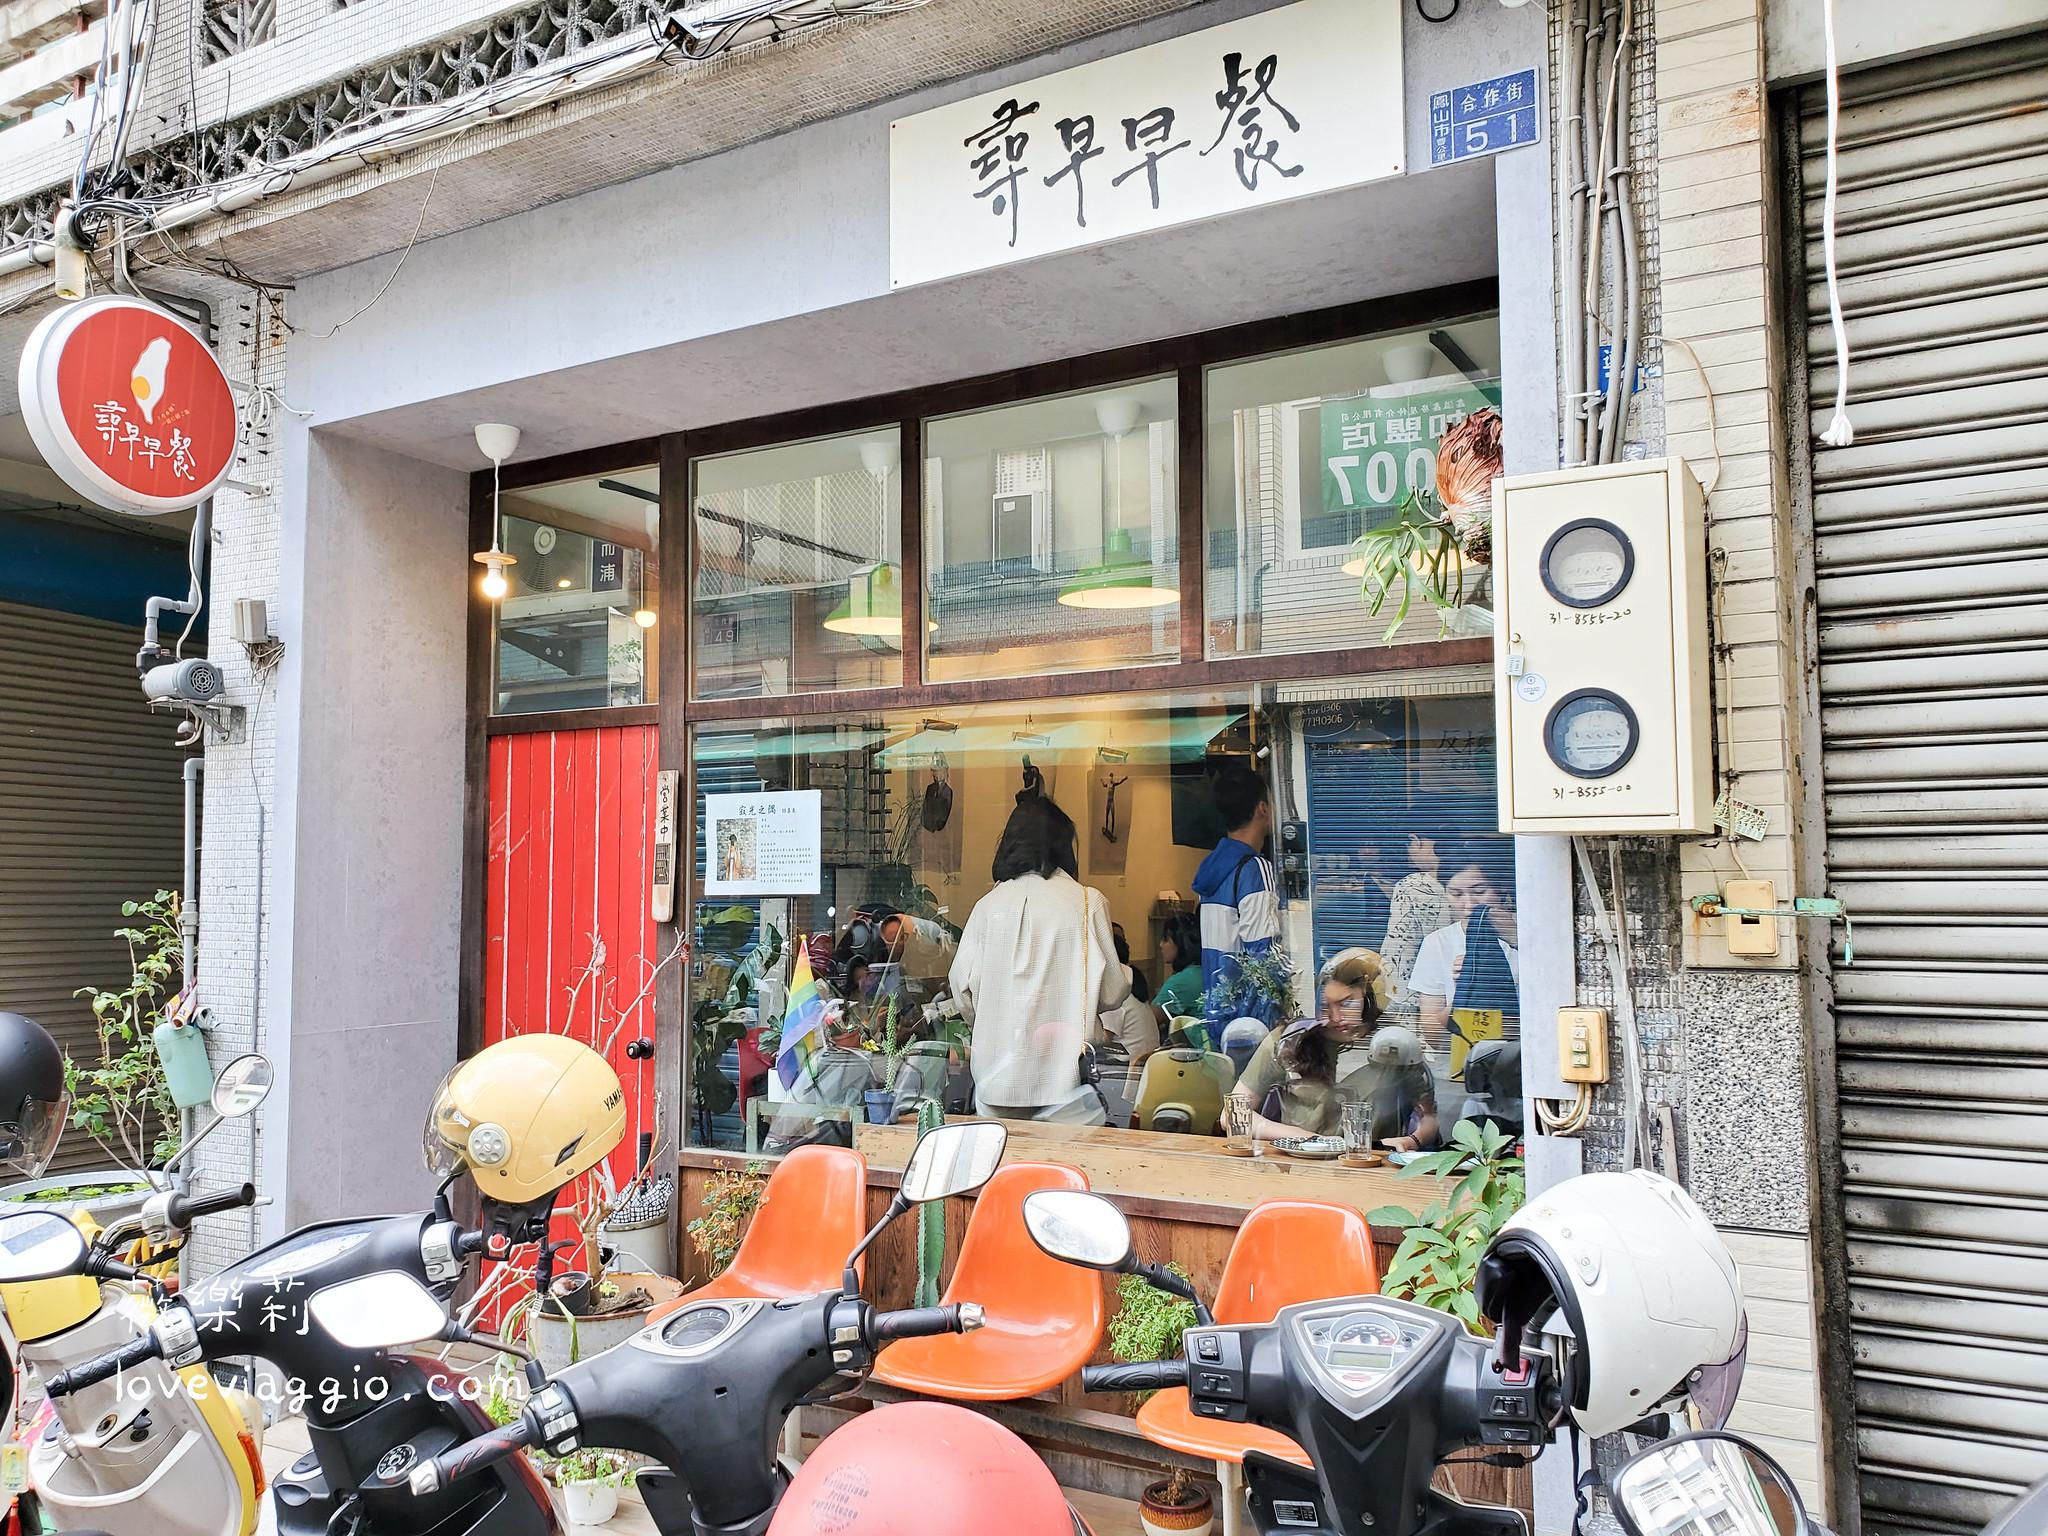 【高雄 Kaohsiung】尋早早餐 近鳳山火車站的復古老屋早午餐 @薇樂莉 Love Viaggio | 旅行.生活.攝影